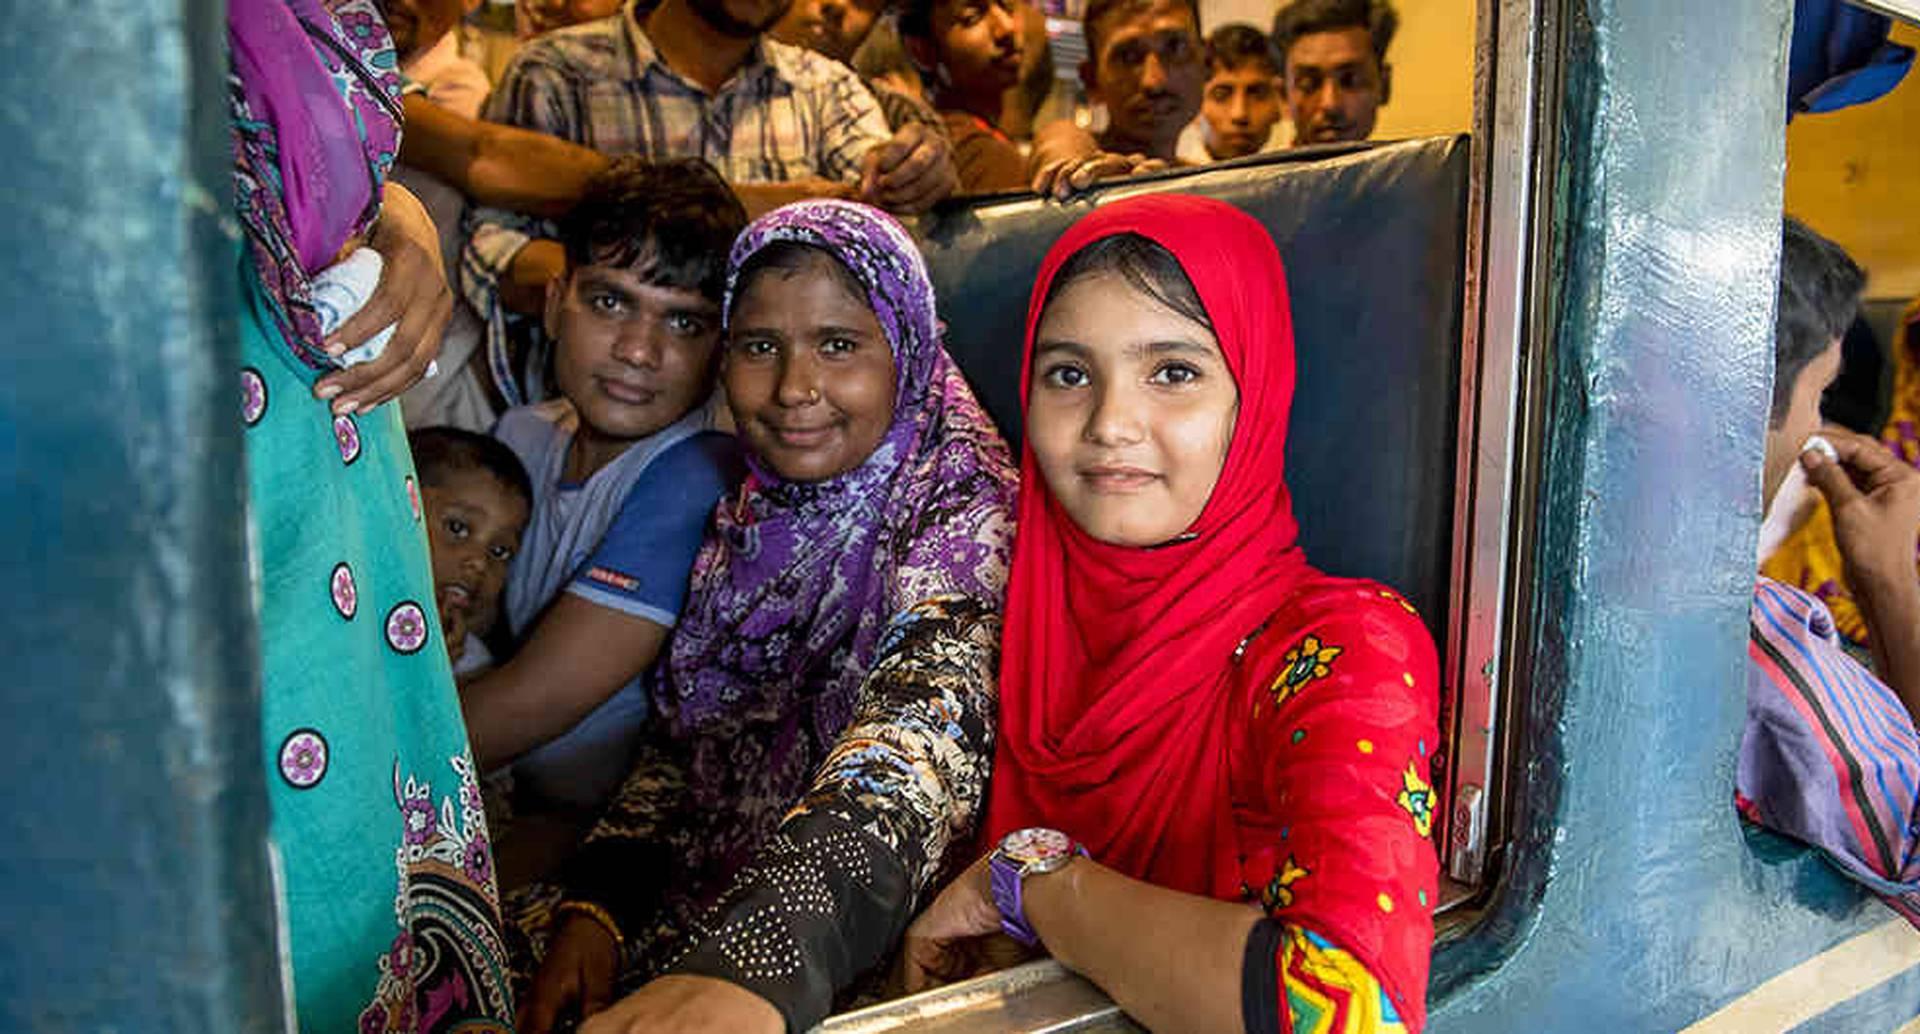 El tren de Bangladesh  transportó 65 millones de pasajeros en 2014 y no da abasto. Foto:  iStock